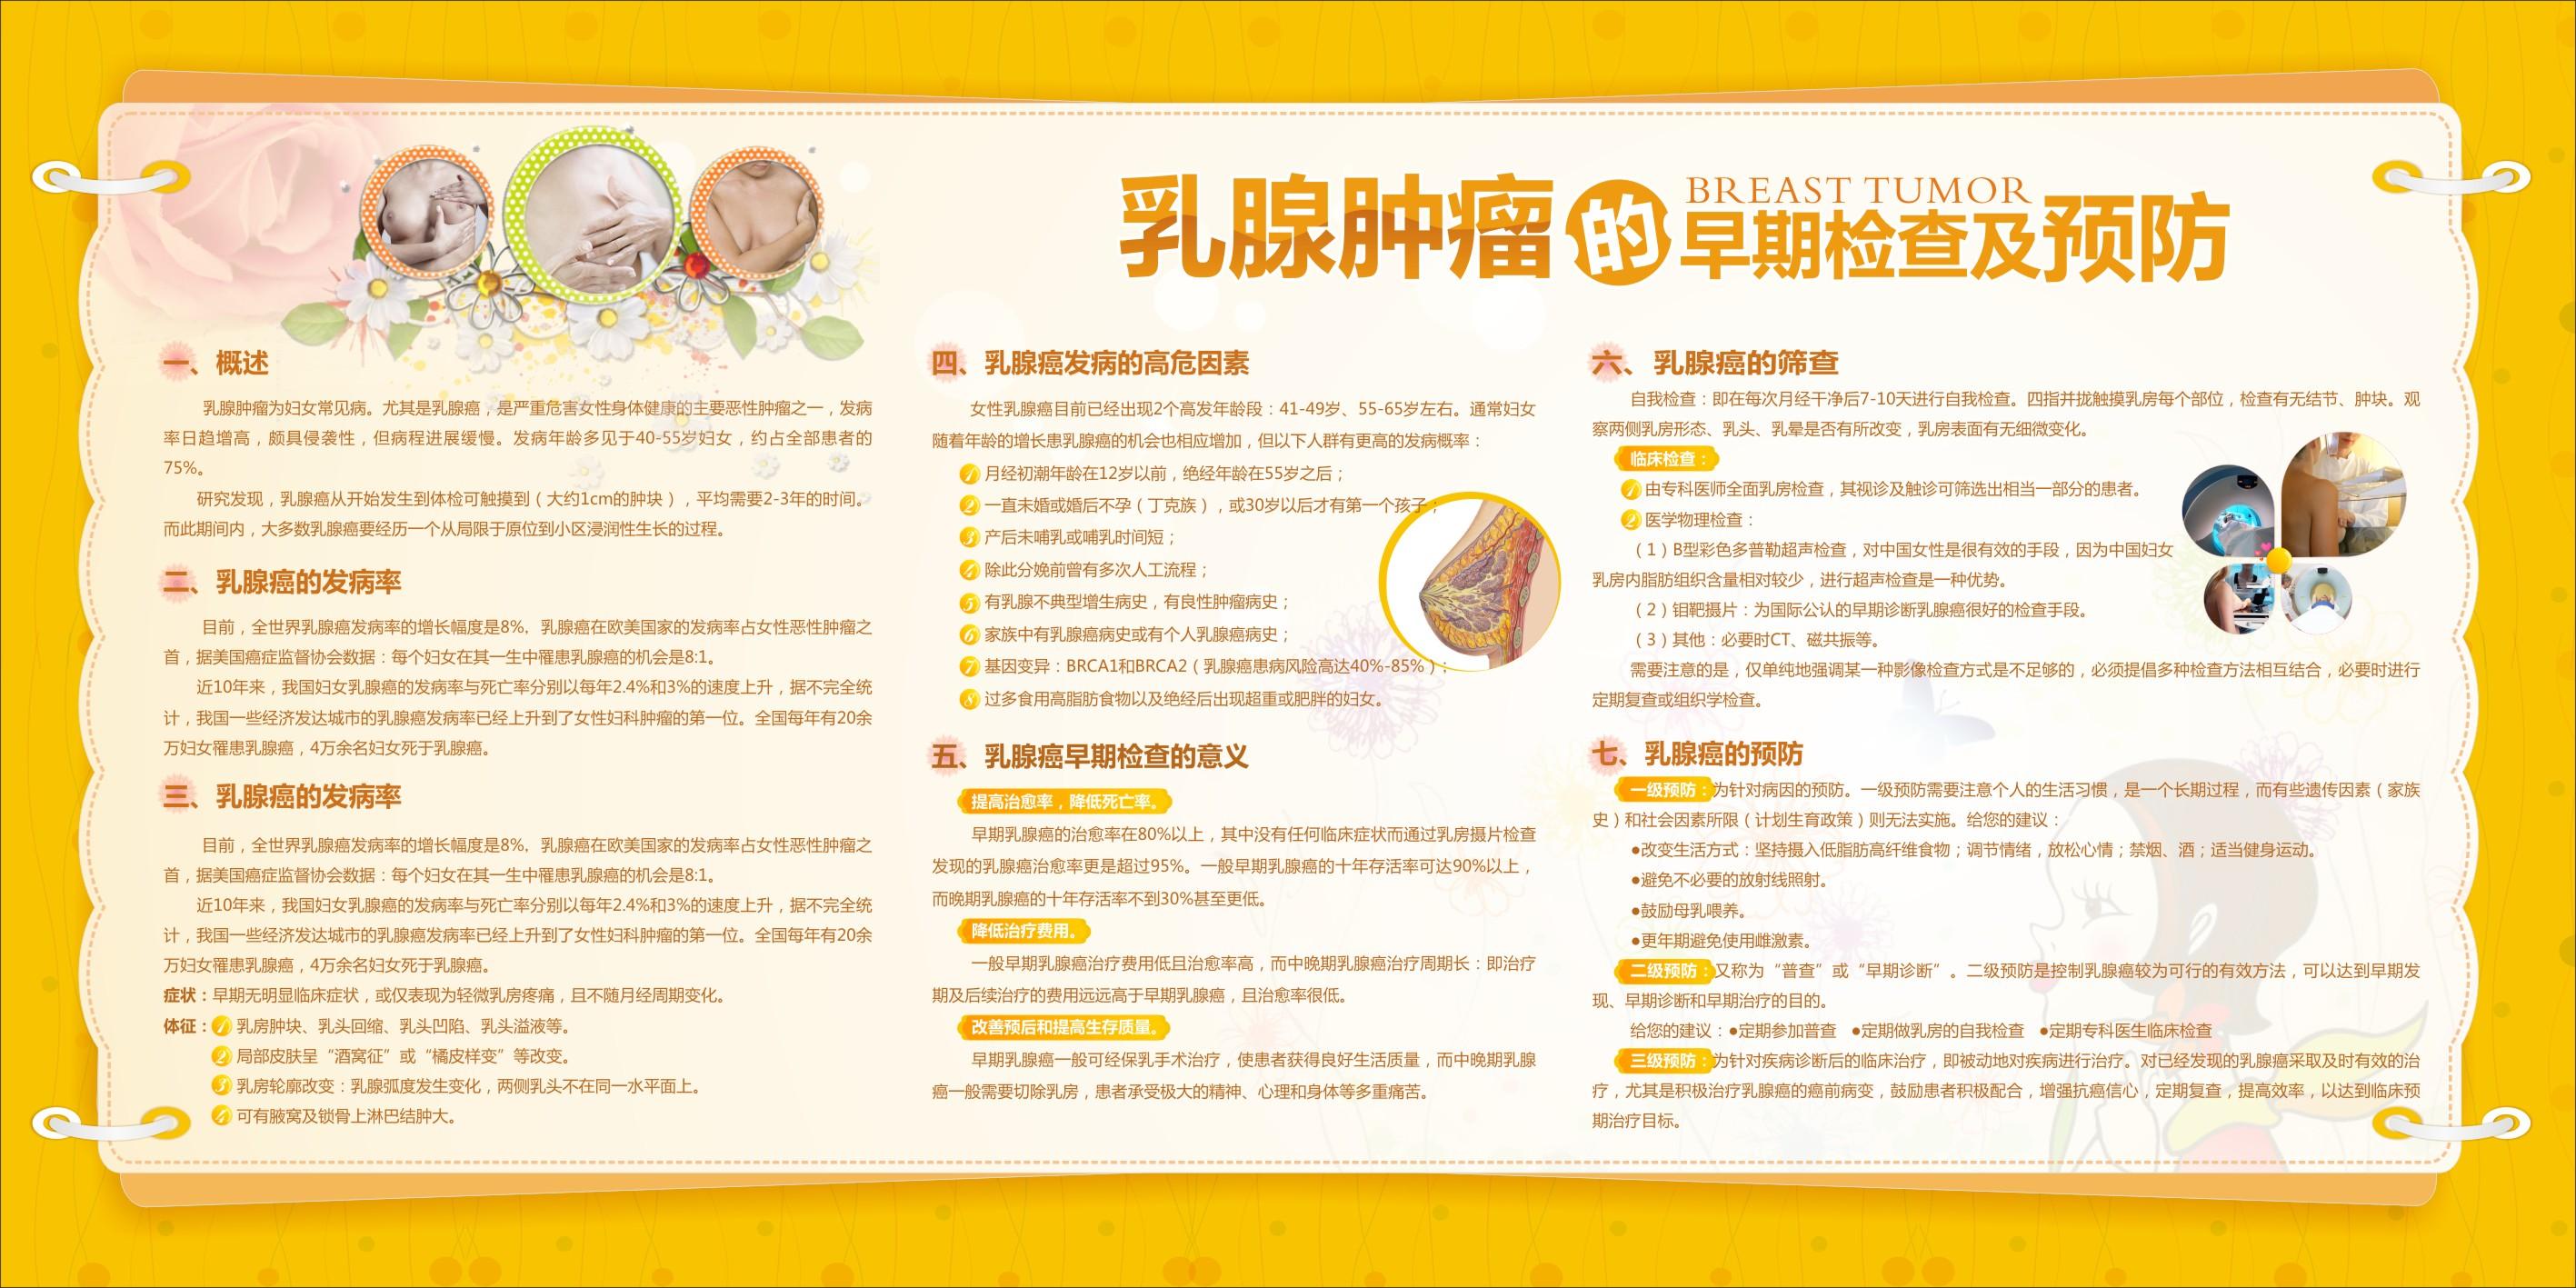 妇科病预防知识 乳腺肿瘤的早期检查及预防 健康教育宣传栏 医院形